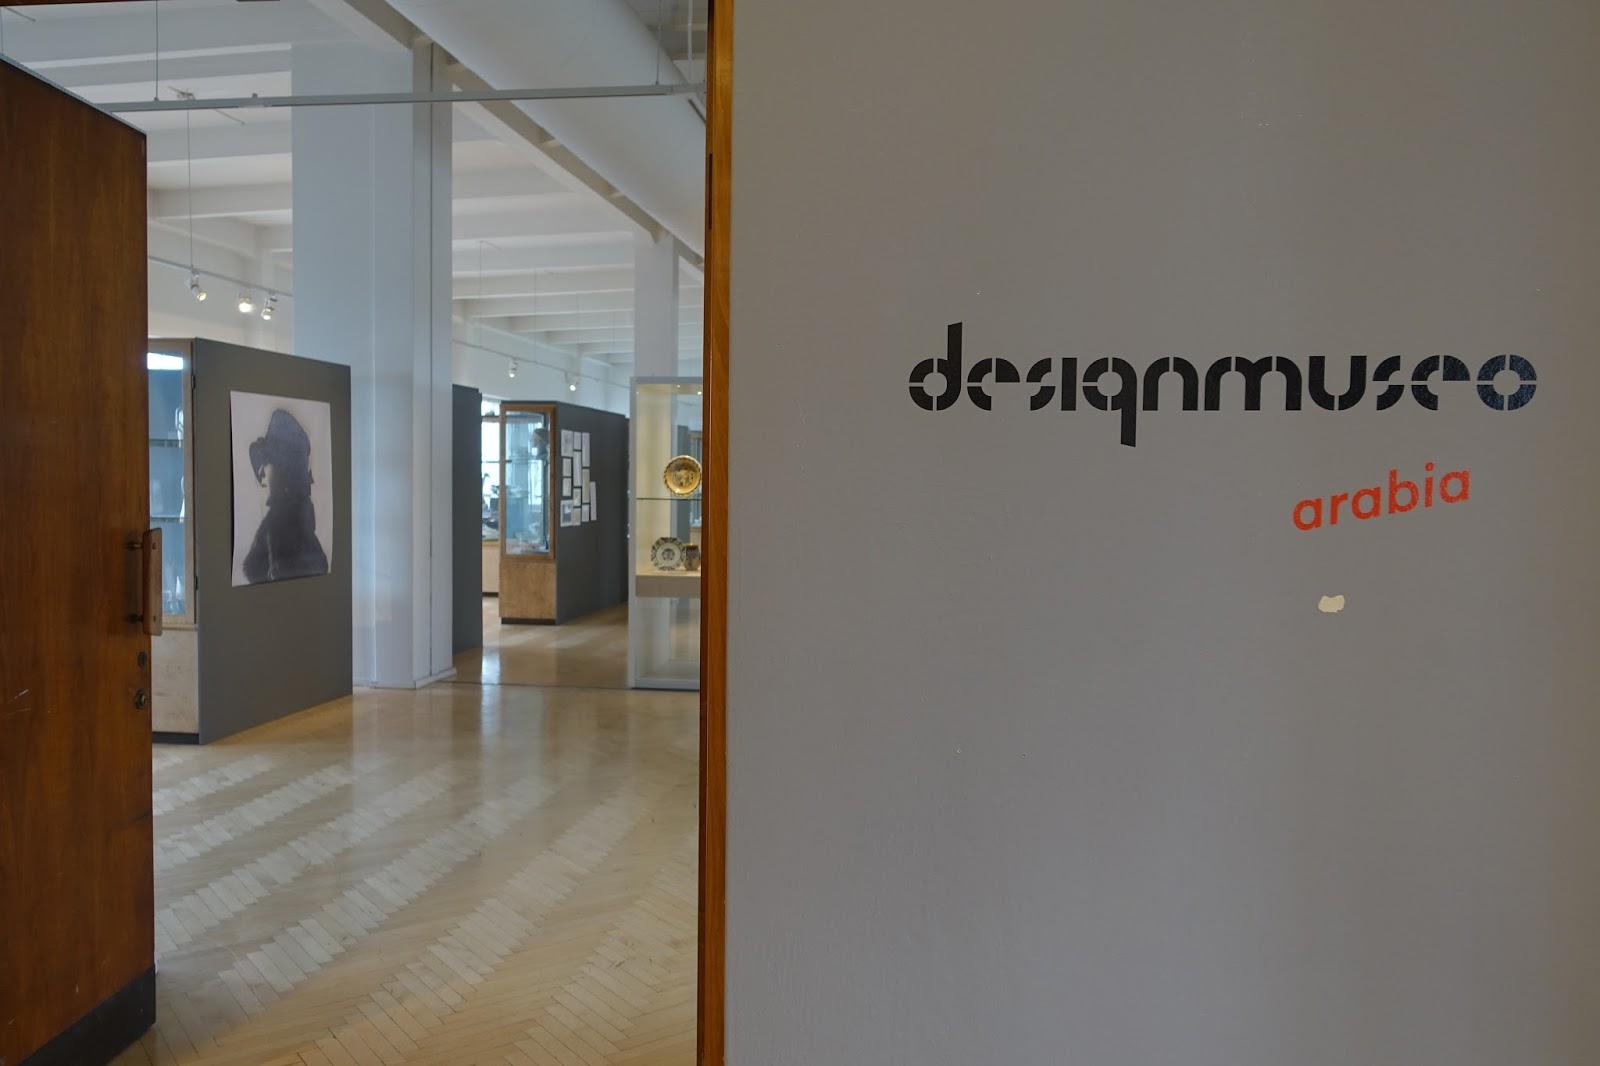 デザインミュージアム・アラビア(Designmuseo Arabia)